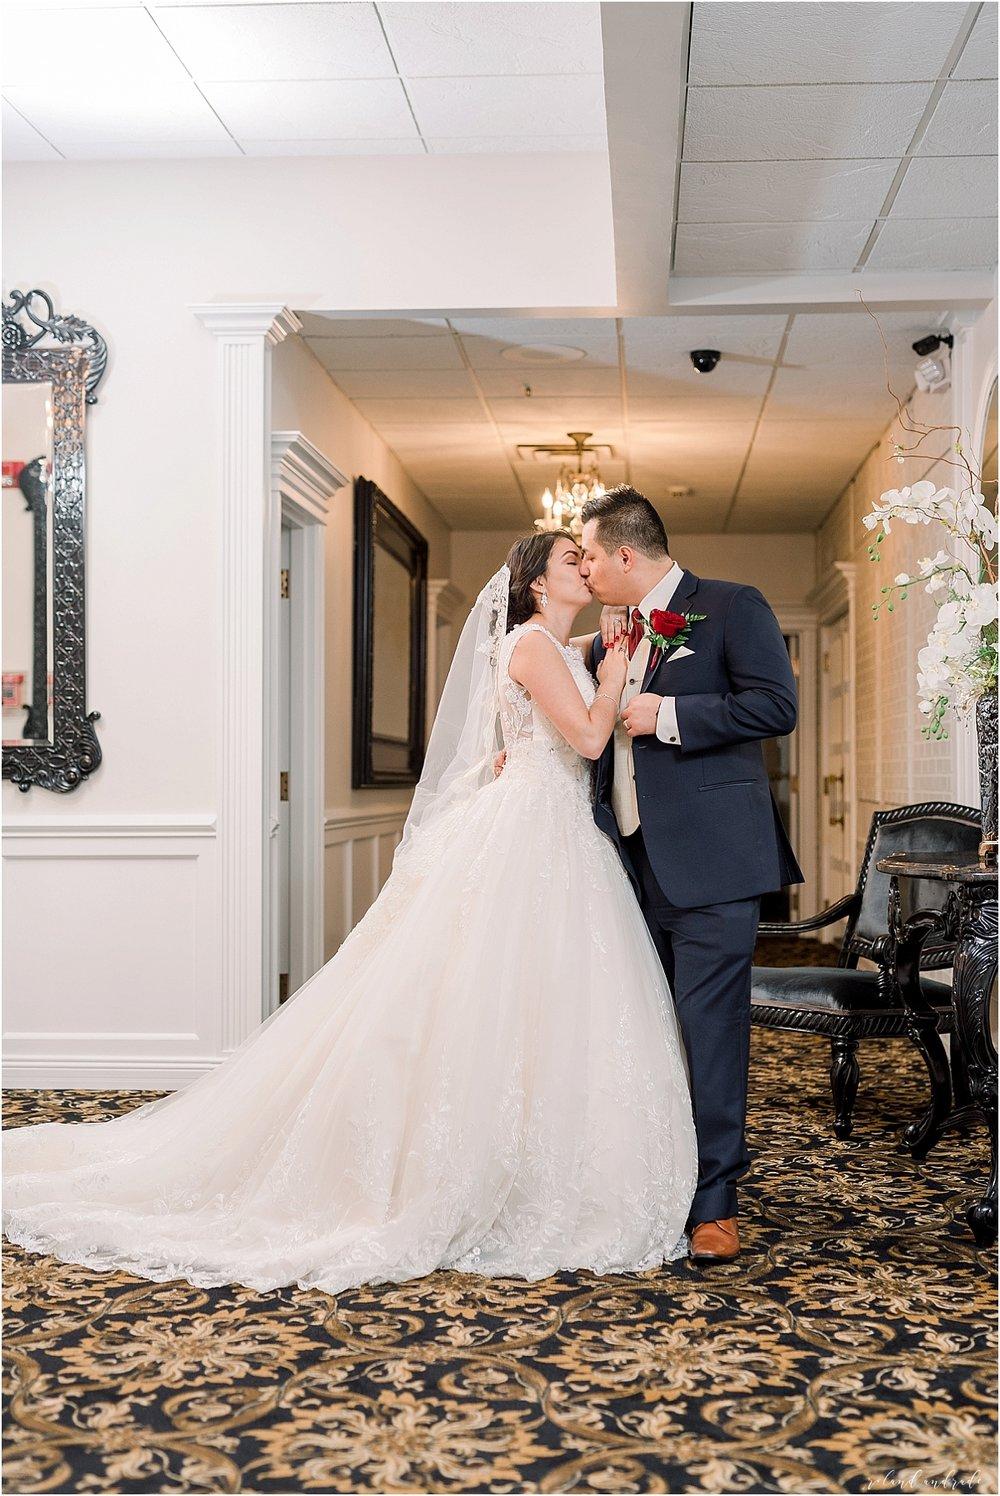 Alpine Banquets Wedding, Chicago Wedding Photographer, Naperville Wedding Photographer, Best Photographer In Aurora, Best Photographer In Chicago_0056.jpg